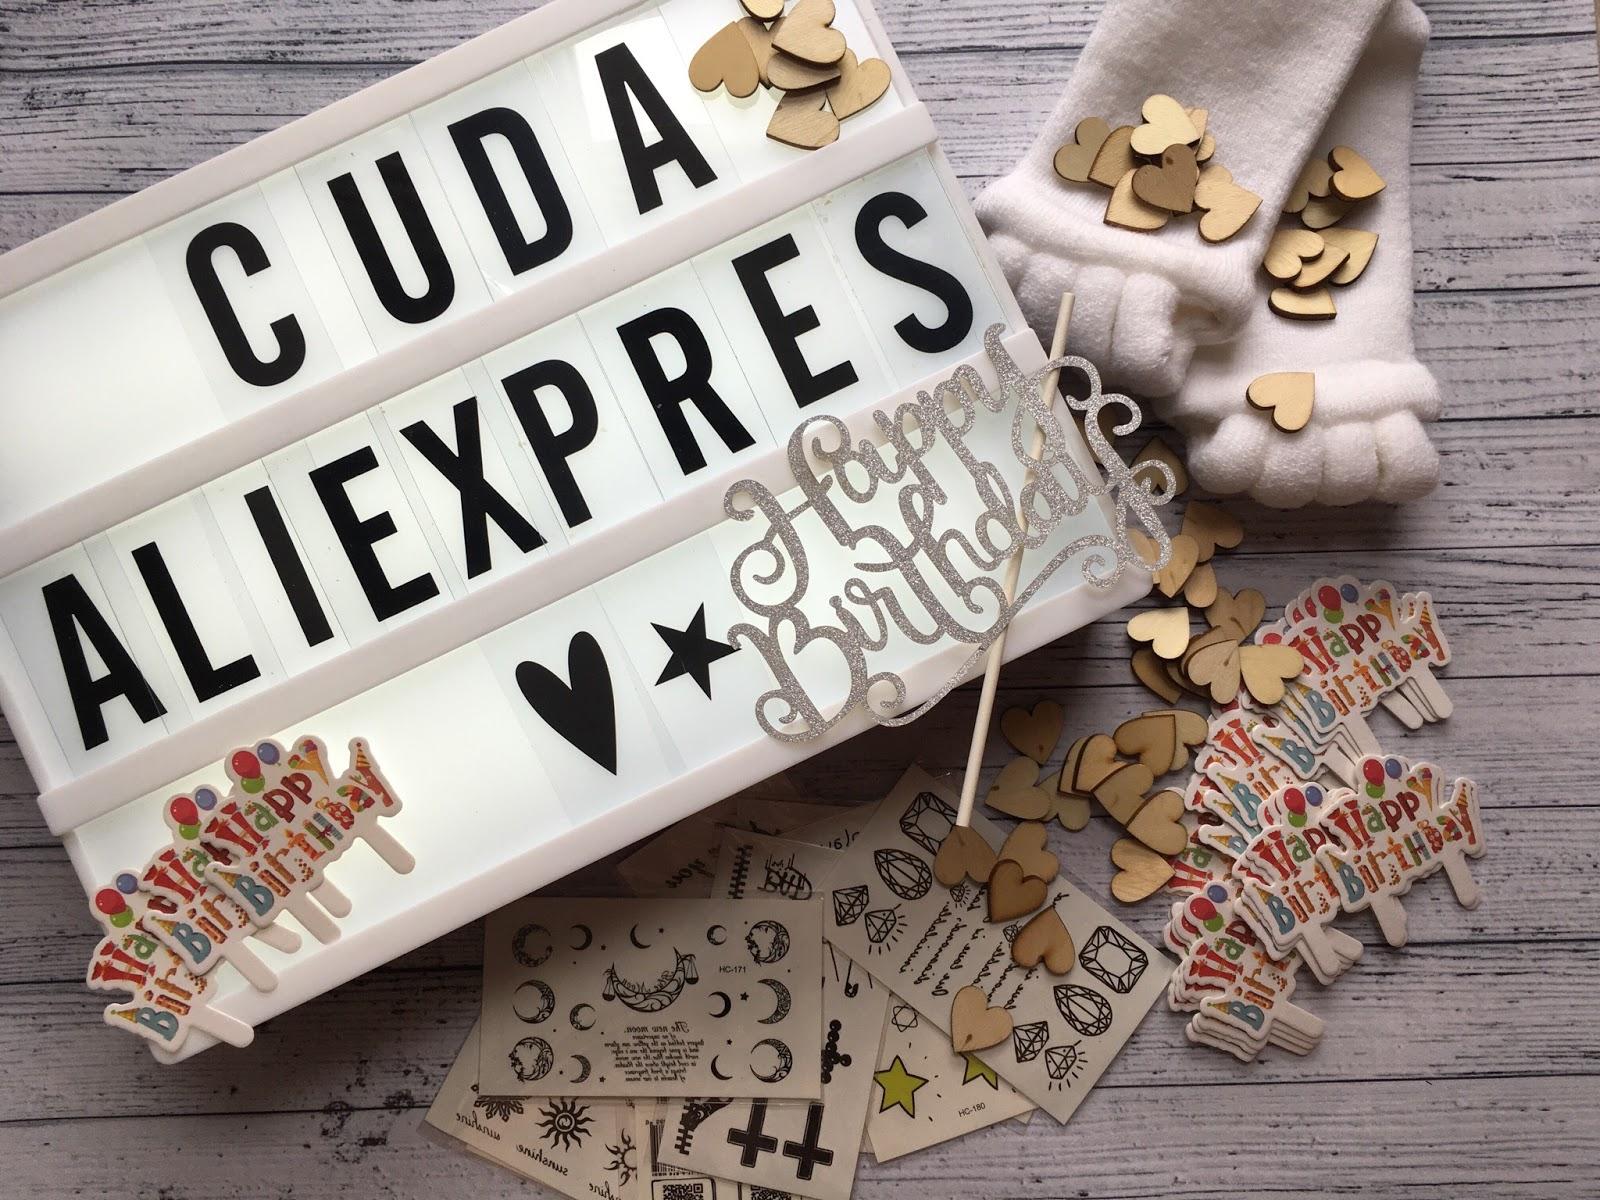 Aliexpress produkty za grosze